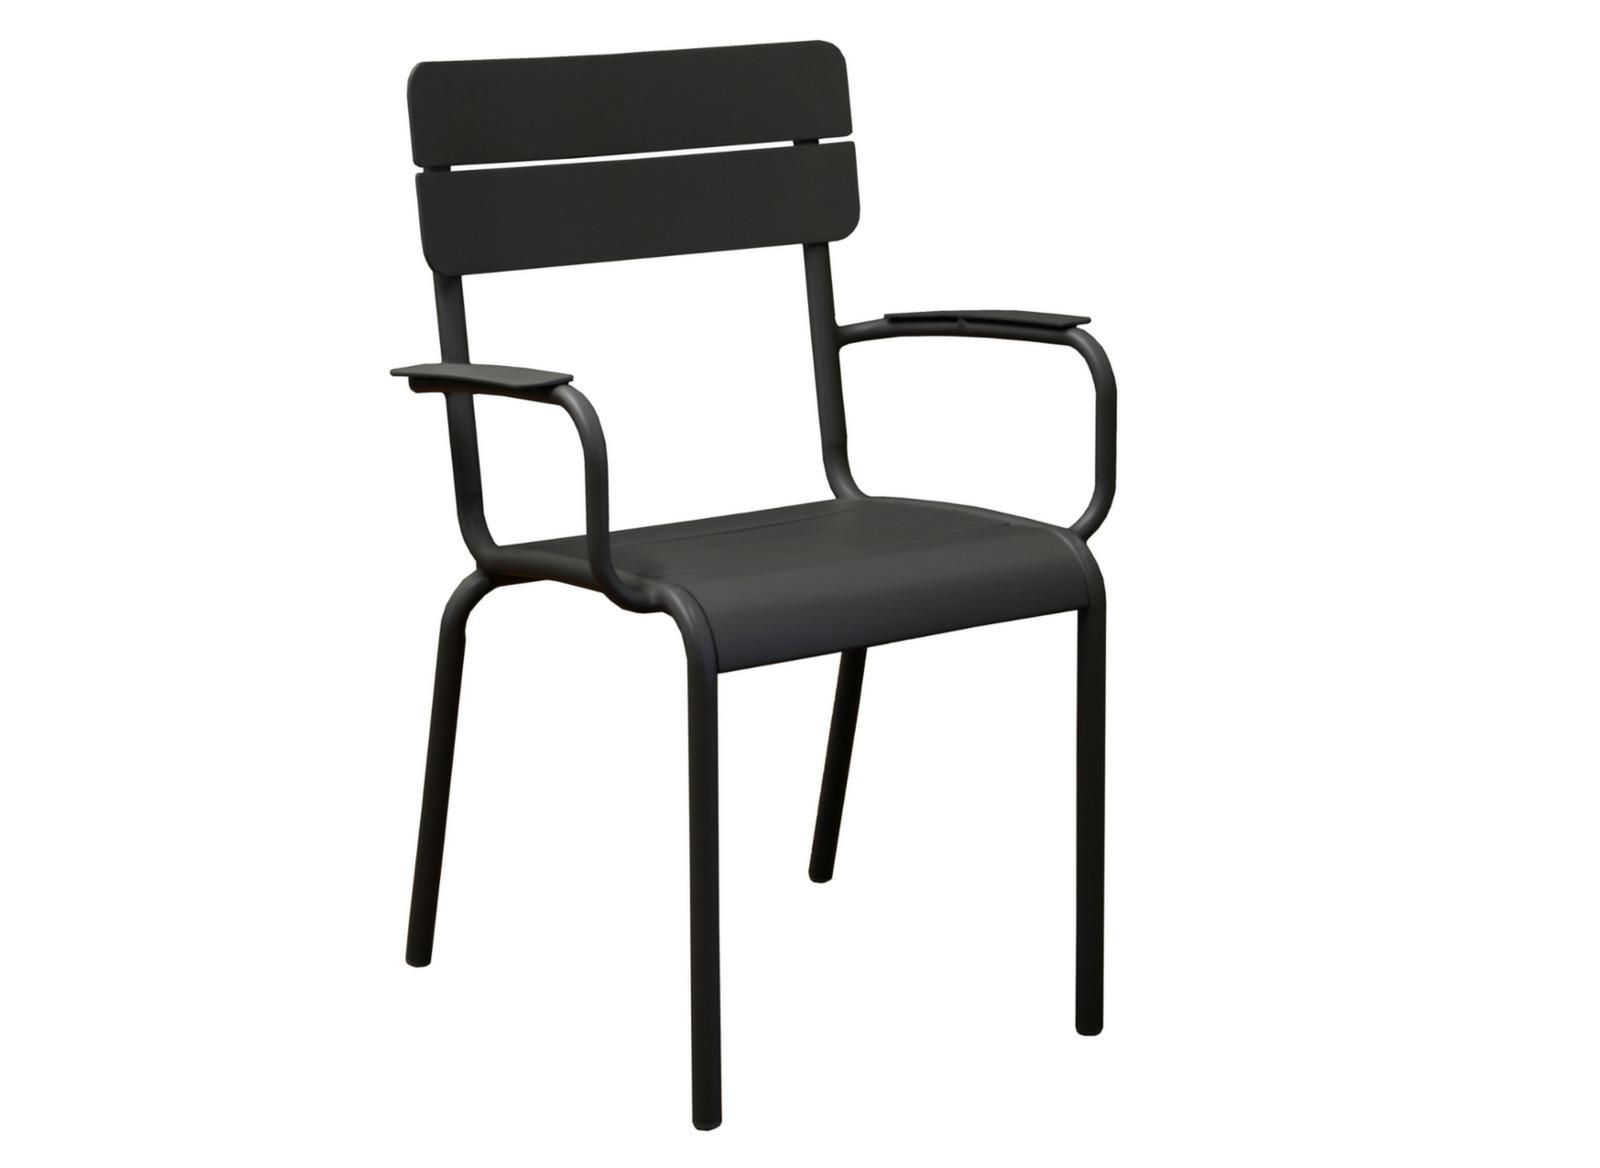 Fauteuil de jardin en aluminium style ecole mobilier proloisirs - Cours de restauration de fauteuil ...